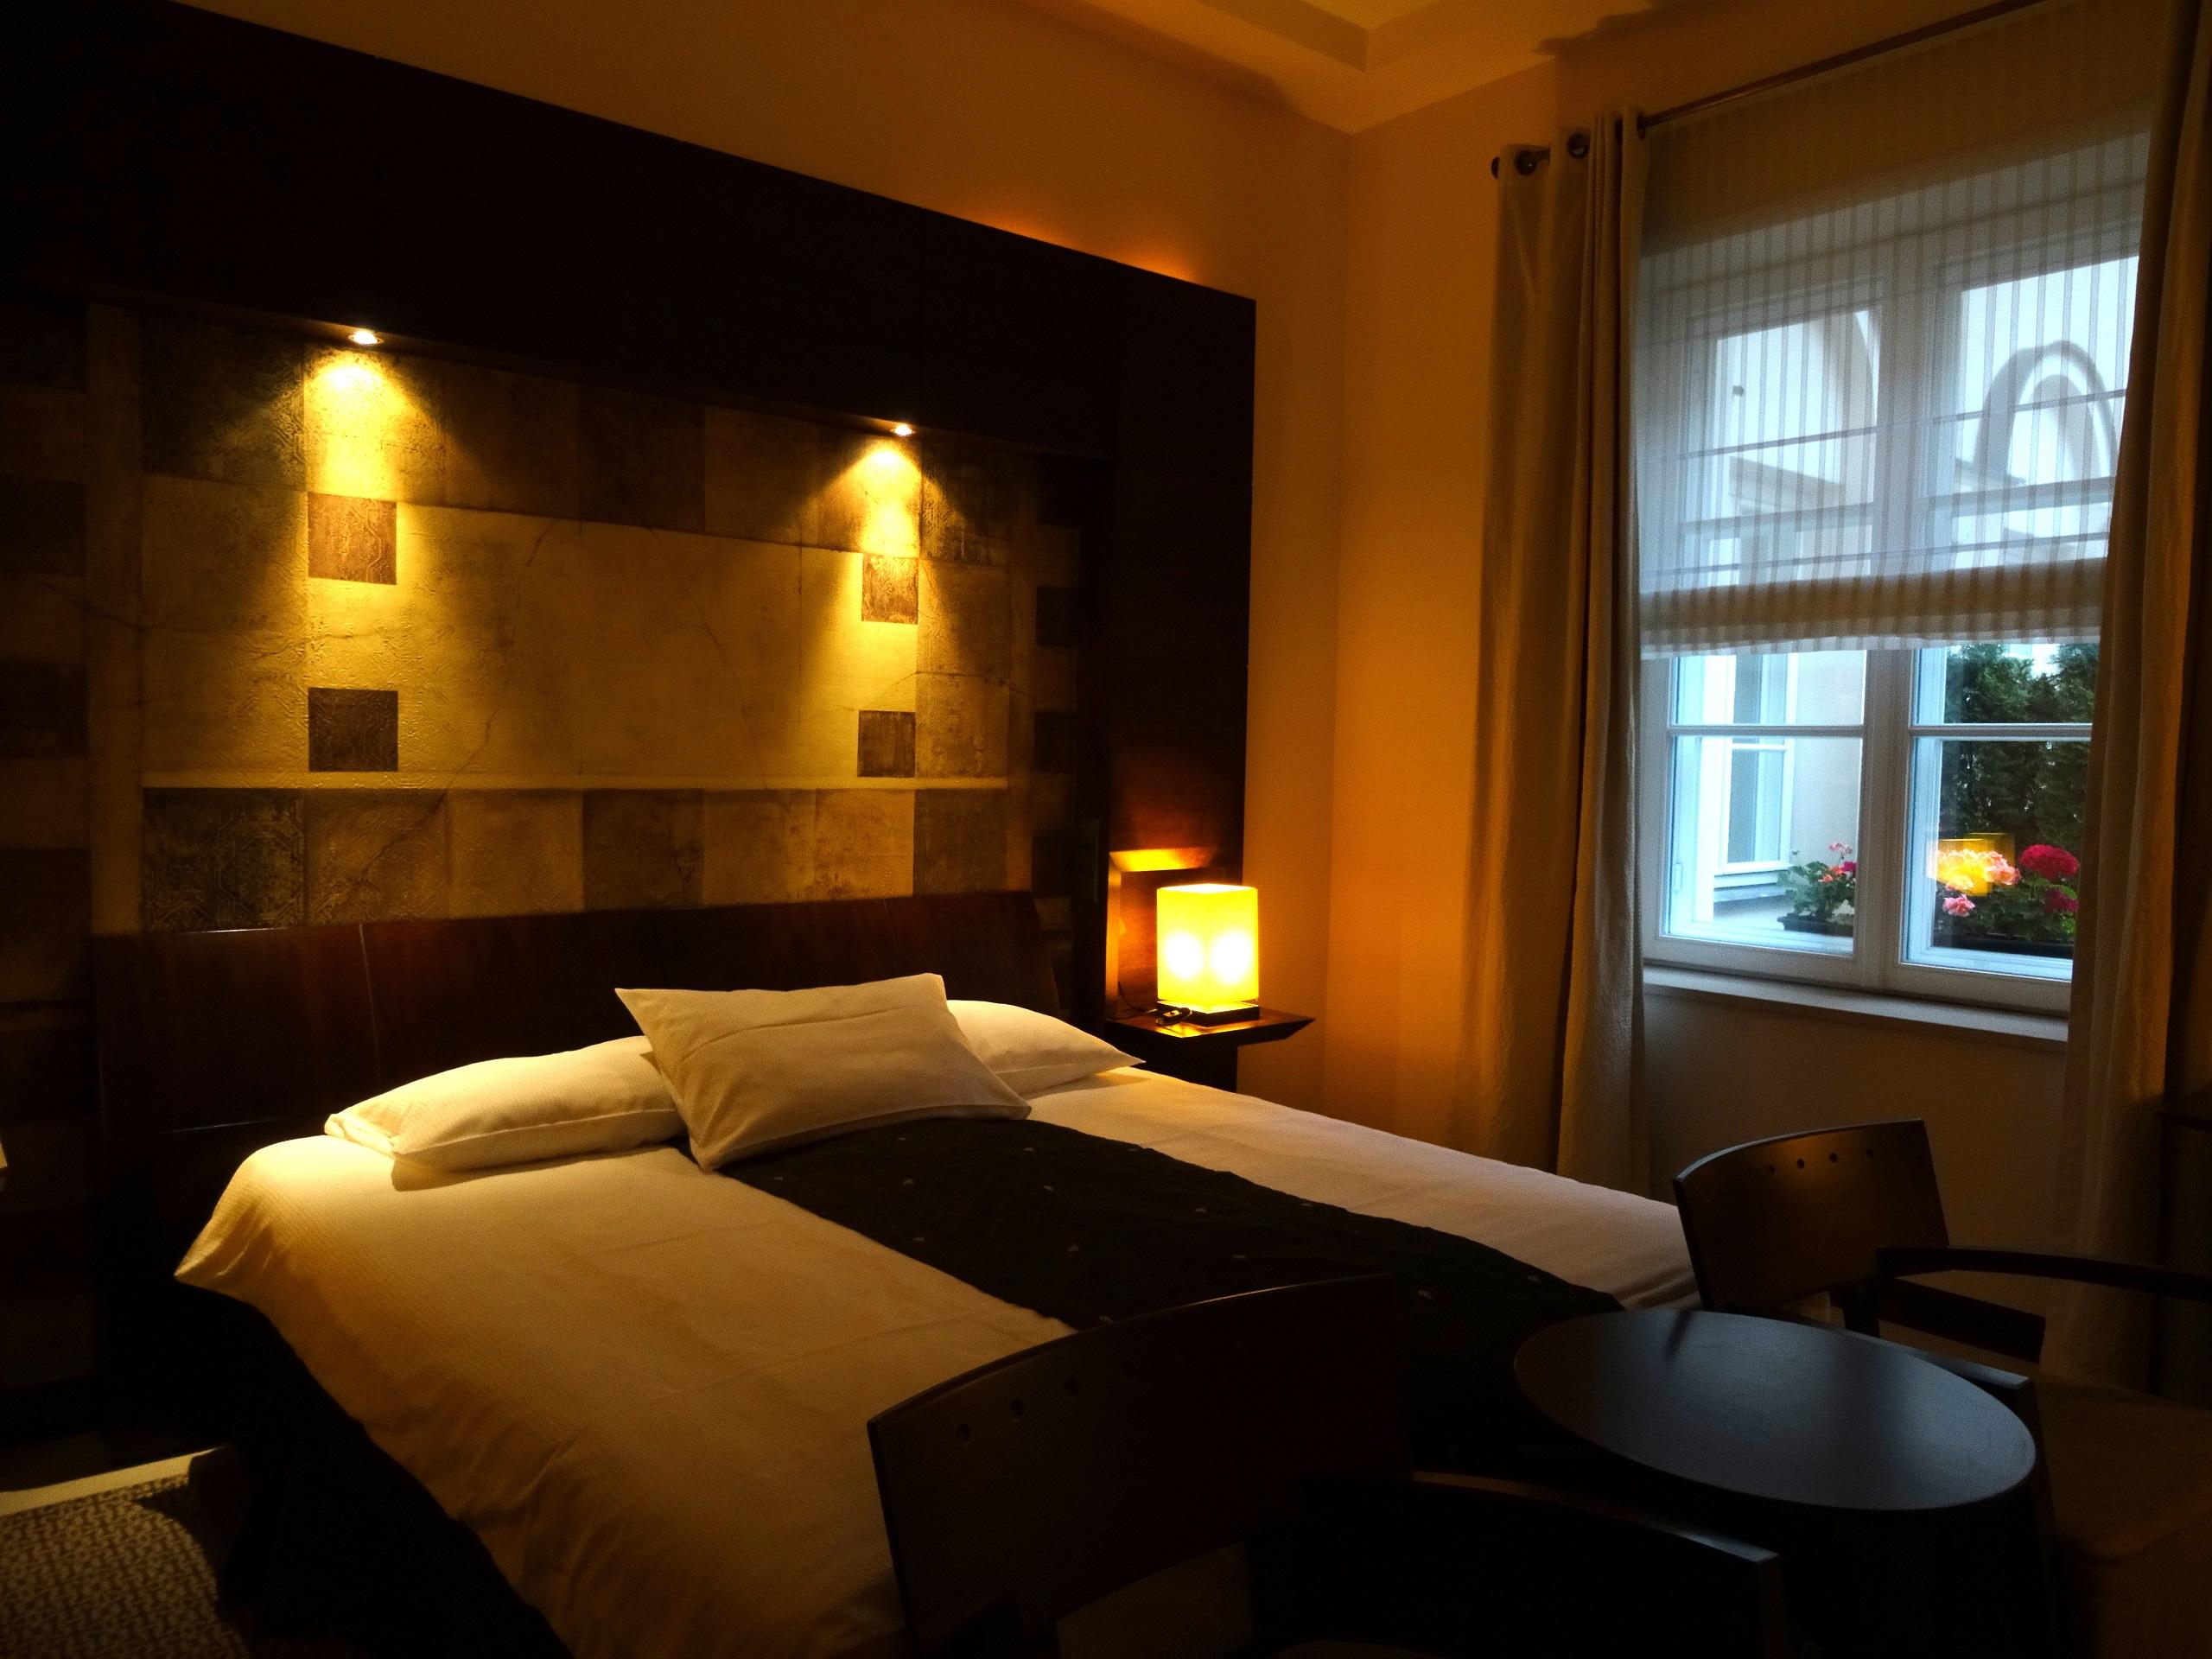 Pokój DeLuxe w Le Regina